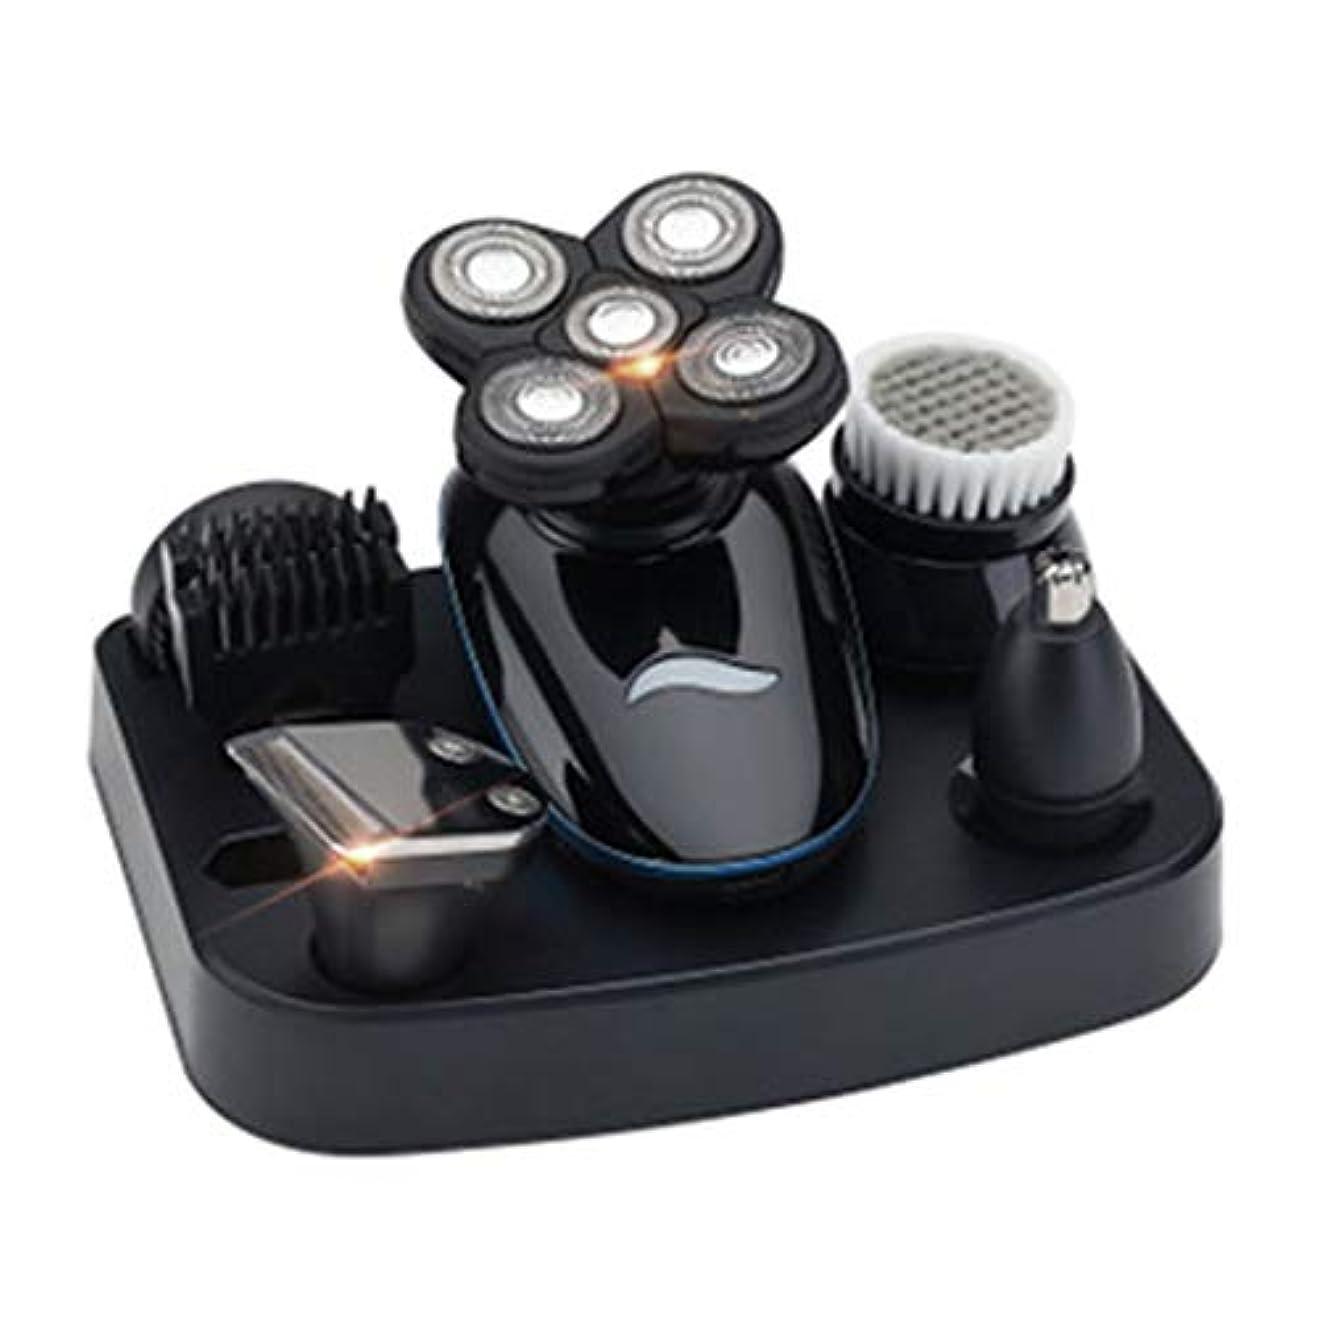 キャップ成果風邪をひくひげそり 電動 メンズシェーバー,USB充電式 5 in 1 髭剃り 電気シェーバー IPX7防水 多機能 お風呂剃りドライ両用 電気シェーバー 旅行用·家庭用